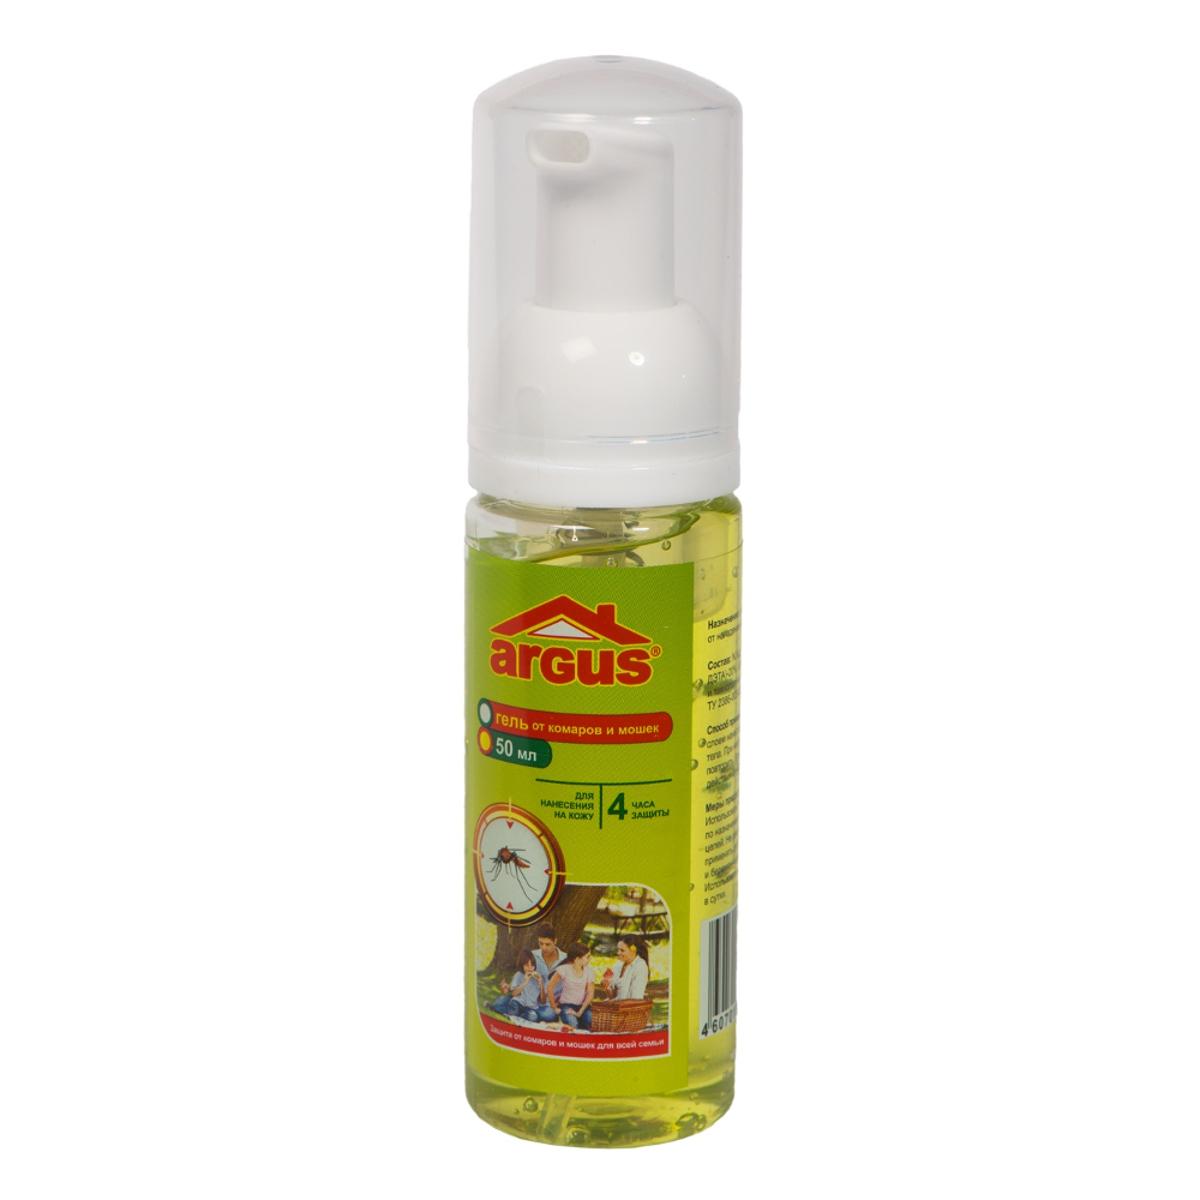 Гель от комаров и мошек Argus, с дозатором, 50 мл19201Гель Argus с экстрактом алоэ от комаров, мошек, слепней и мокрецов незаменим для комфортного отдыха на природе. Средство обеспечивает надежную защиту от укусов комаров, мошек, слепней и мокрецов в течении 4 часов. Флакон оснащен удобным дозатором.Состав: N,N-диэтил-м-толуамид (ДЭТА) 20%, краситель, отдушка, технологические добавки.